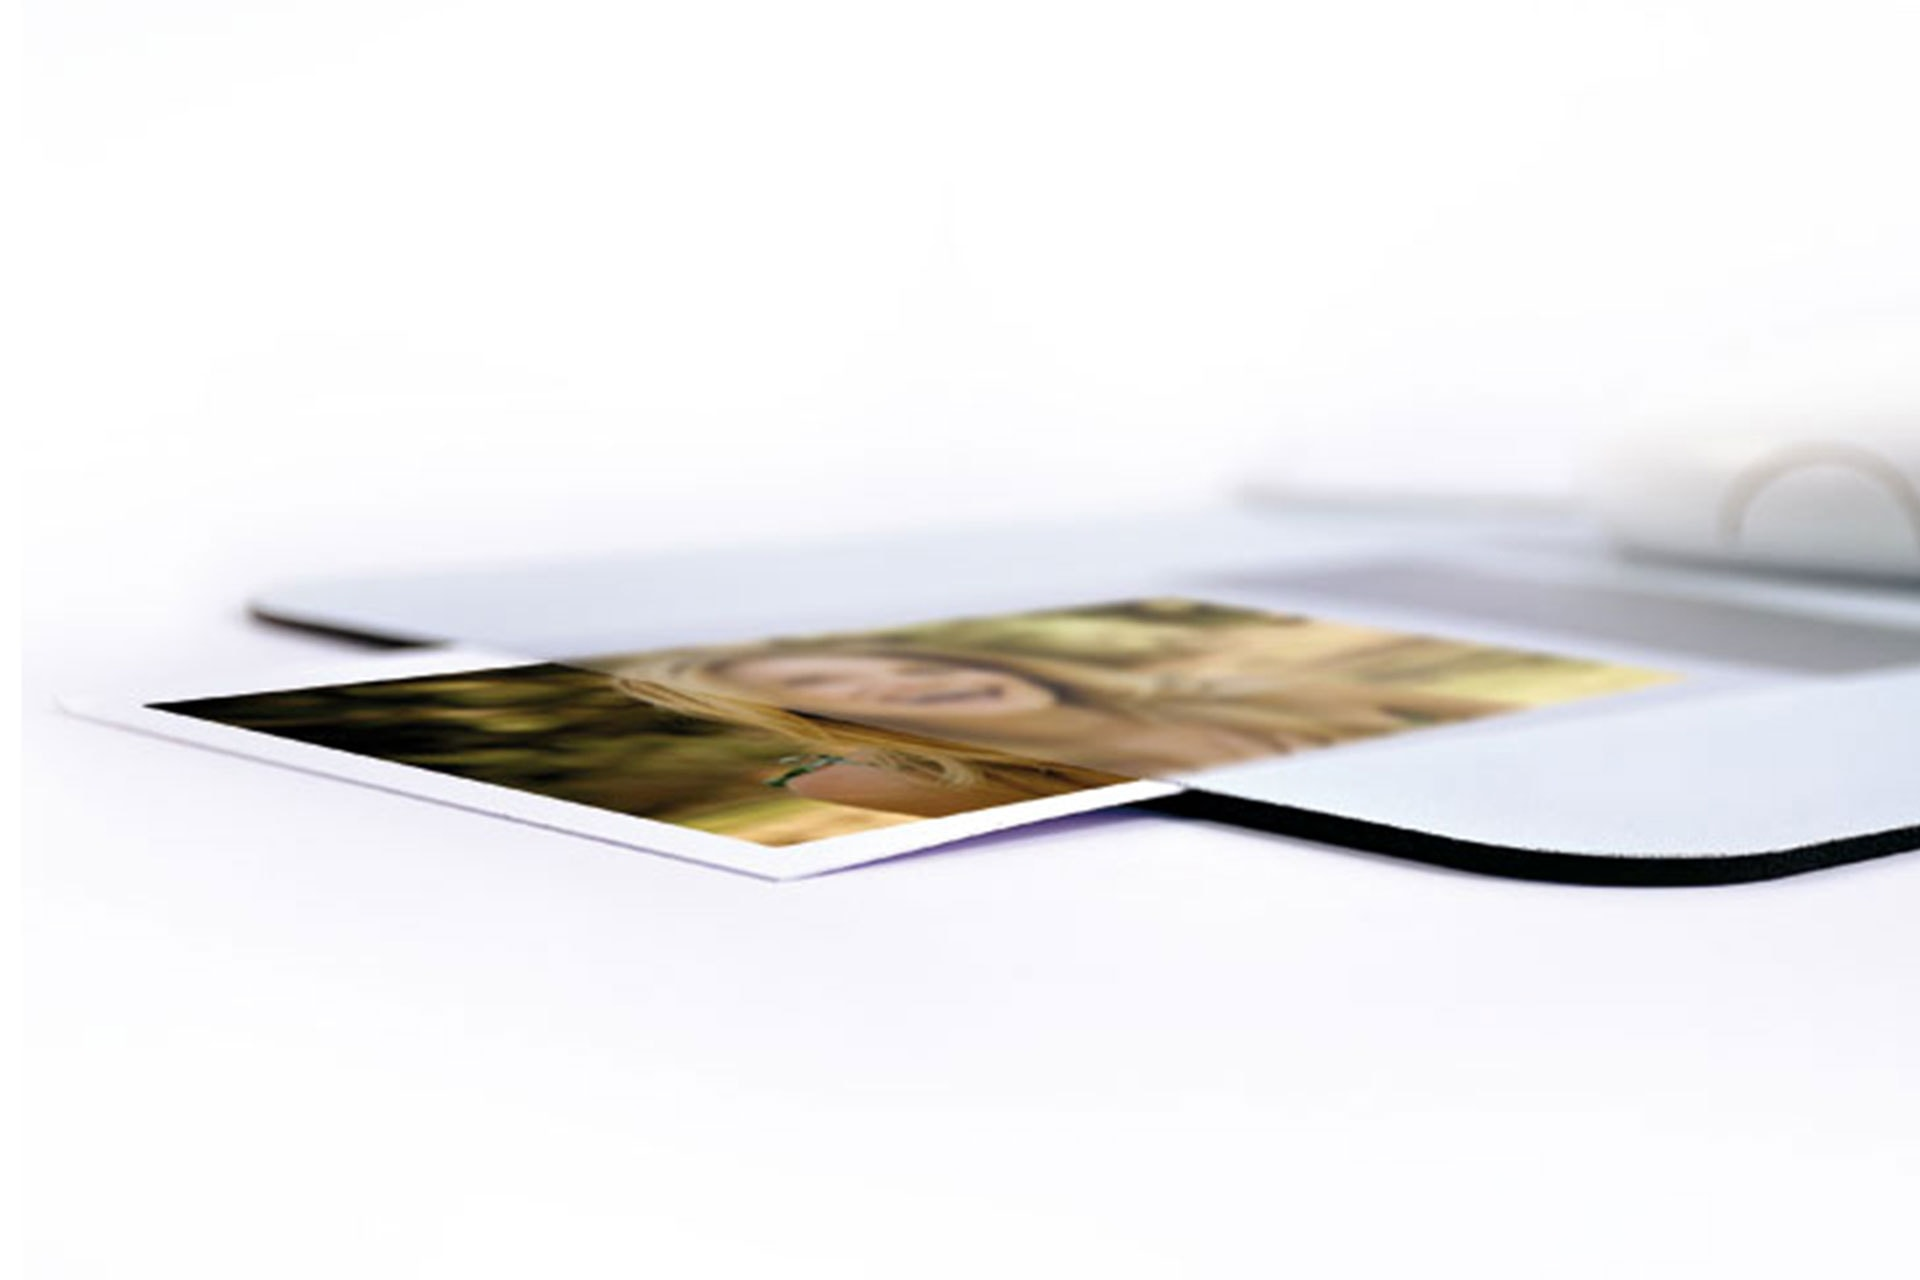 Tappetini mouse con tasca portafoto aggiornabile